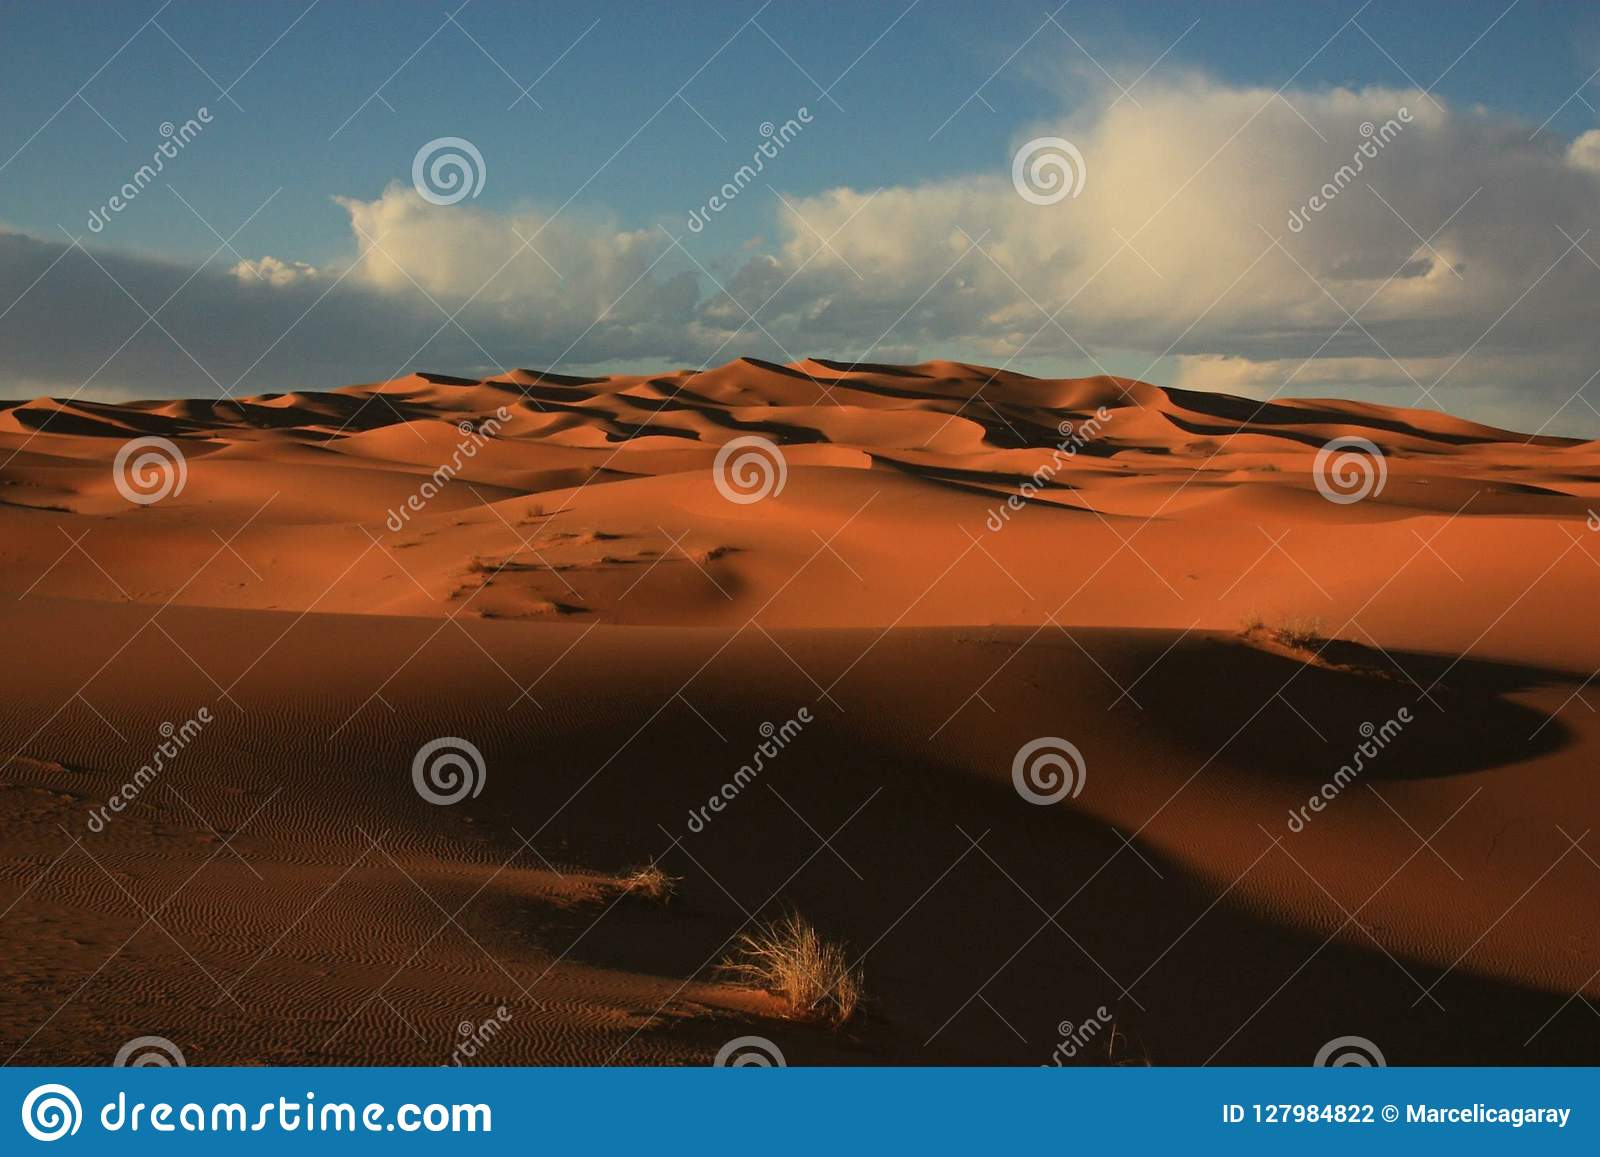 Sahara Desert Merzouga Morocco